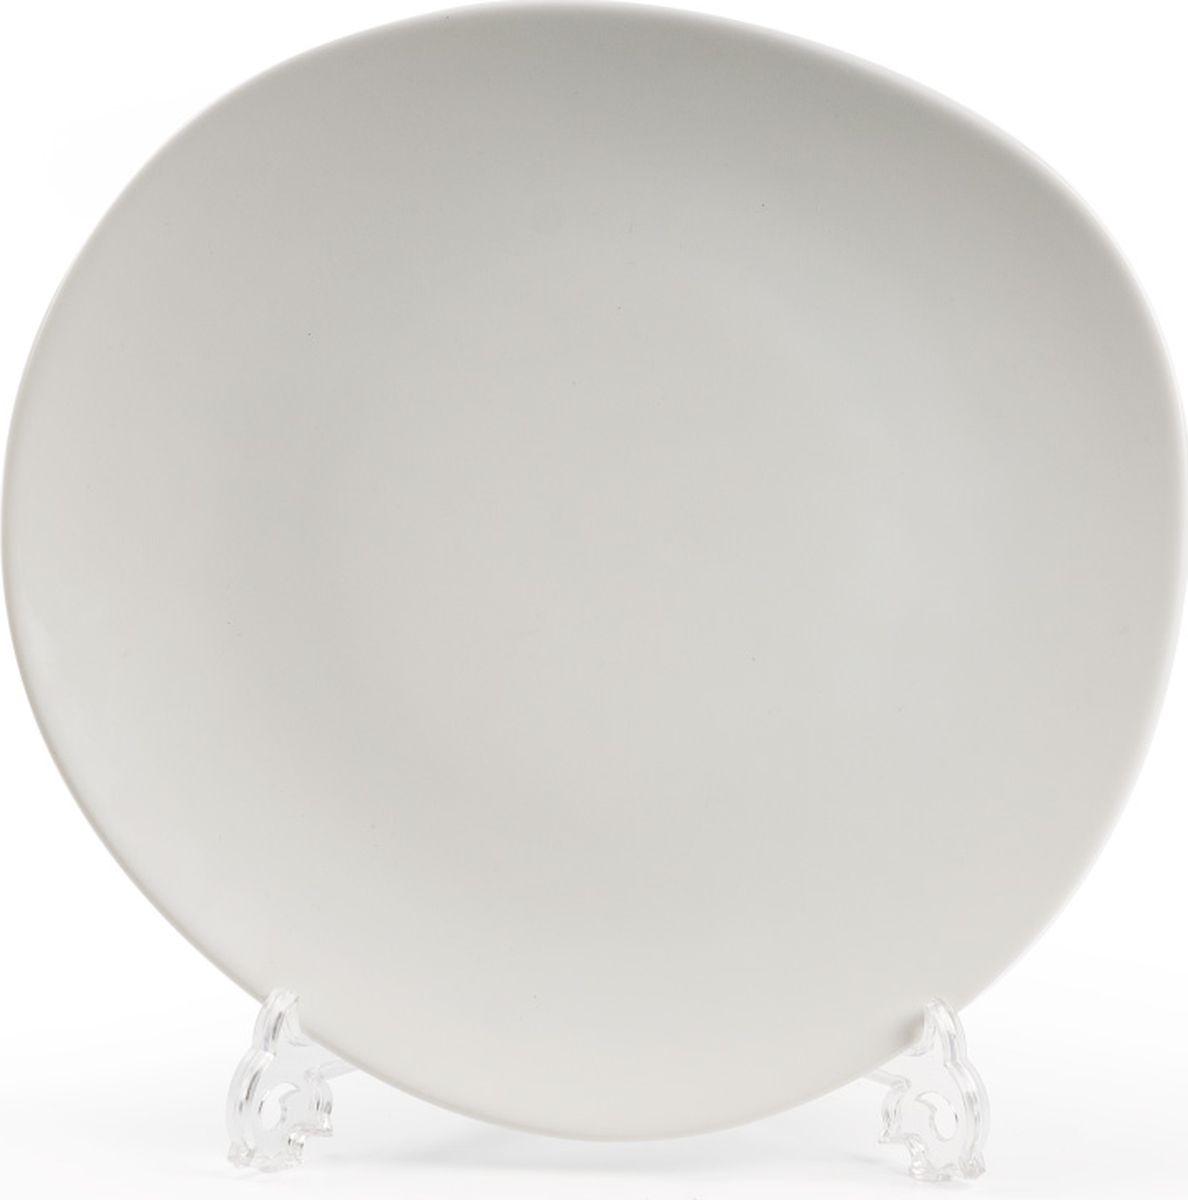 Тарелка La Rose des Sables Island, без бортов, цвет: белый, диаметр 22,5 см2301-027Тарелка La Rose des Sables Island выполнена из тунисского фарфора, изготовленного из уникальной белой глины, которую добывают во французской провинции Лимож. Фарфоровая тарелка из знаменитой Лиможской глины. Фарфор превосходного качества. Благодаря двойному термическому обжигу, этот тонкостенный фарфор обладает высокой ударопрочностью, жаропрочностью и великолепным блеском глазури. Тарелка идеально подходит для повседневного использования. Отлично смотрится в любом интерьере.Можно использовать в СВЧ печи и мыть в посудомоечной машине. Диаметр: 22,5 см.